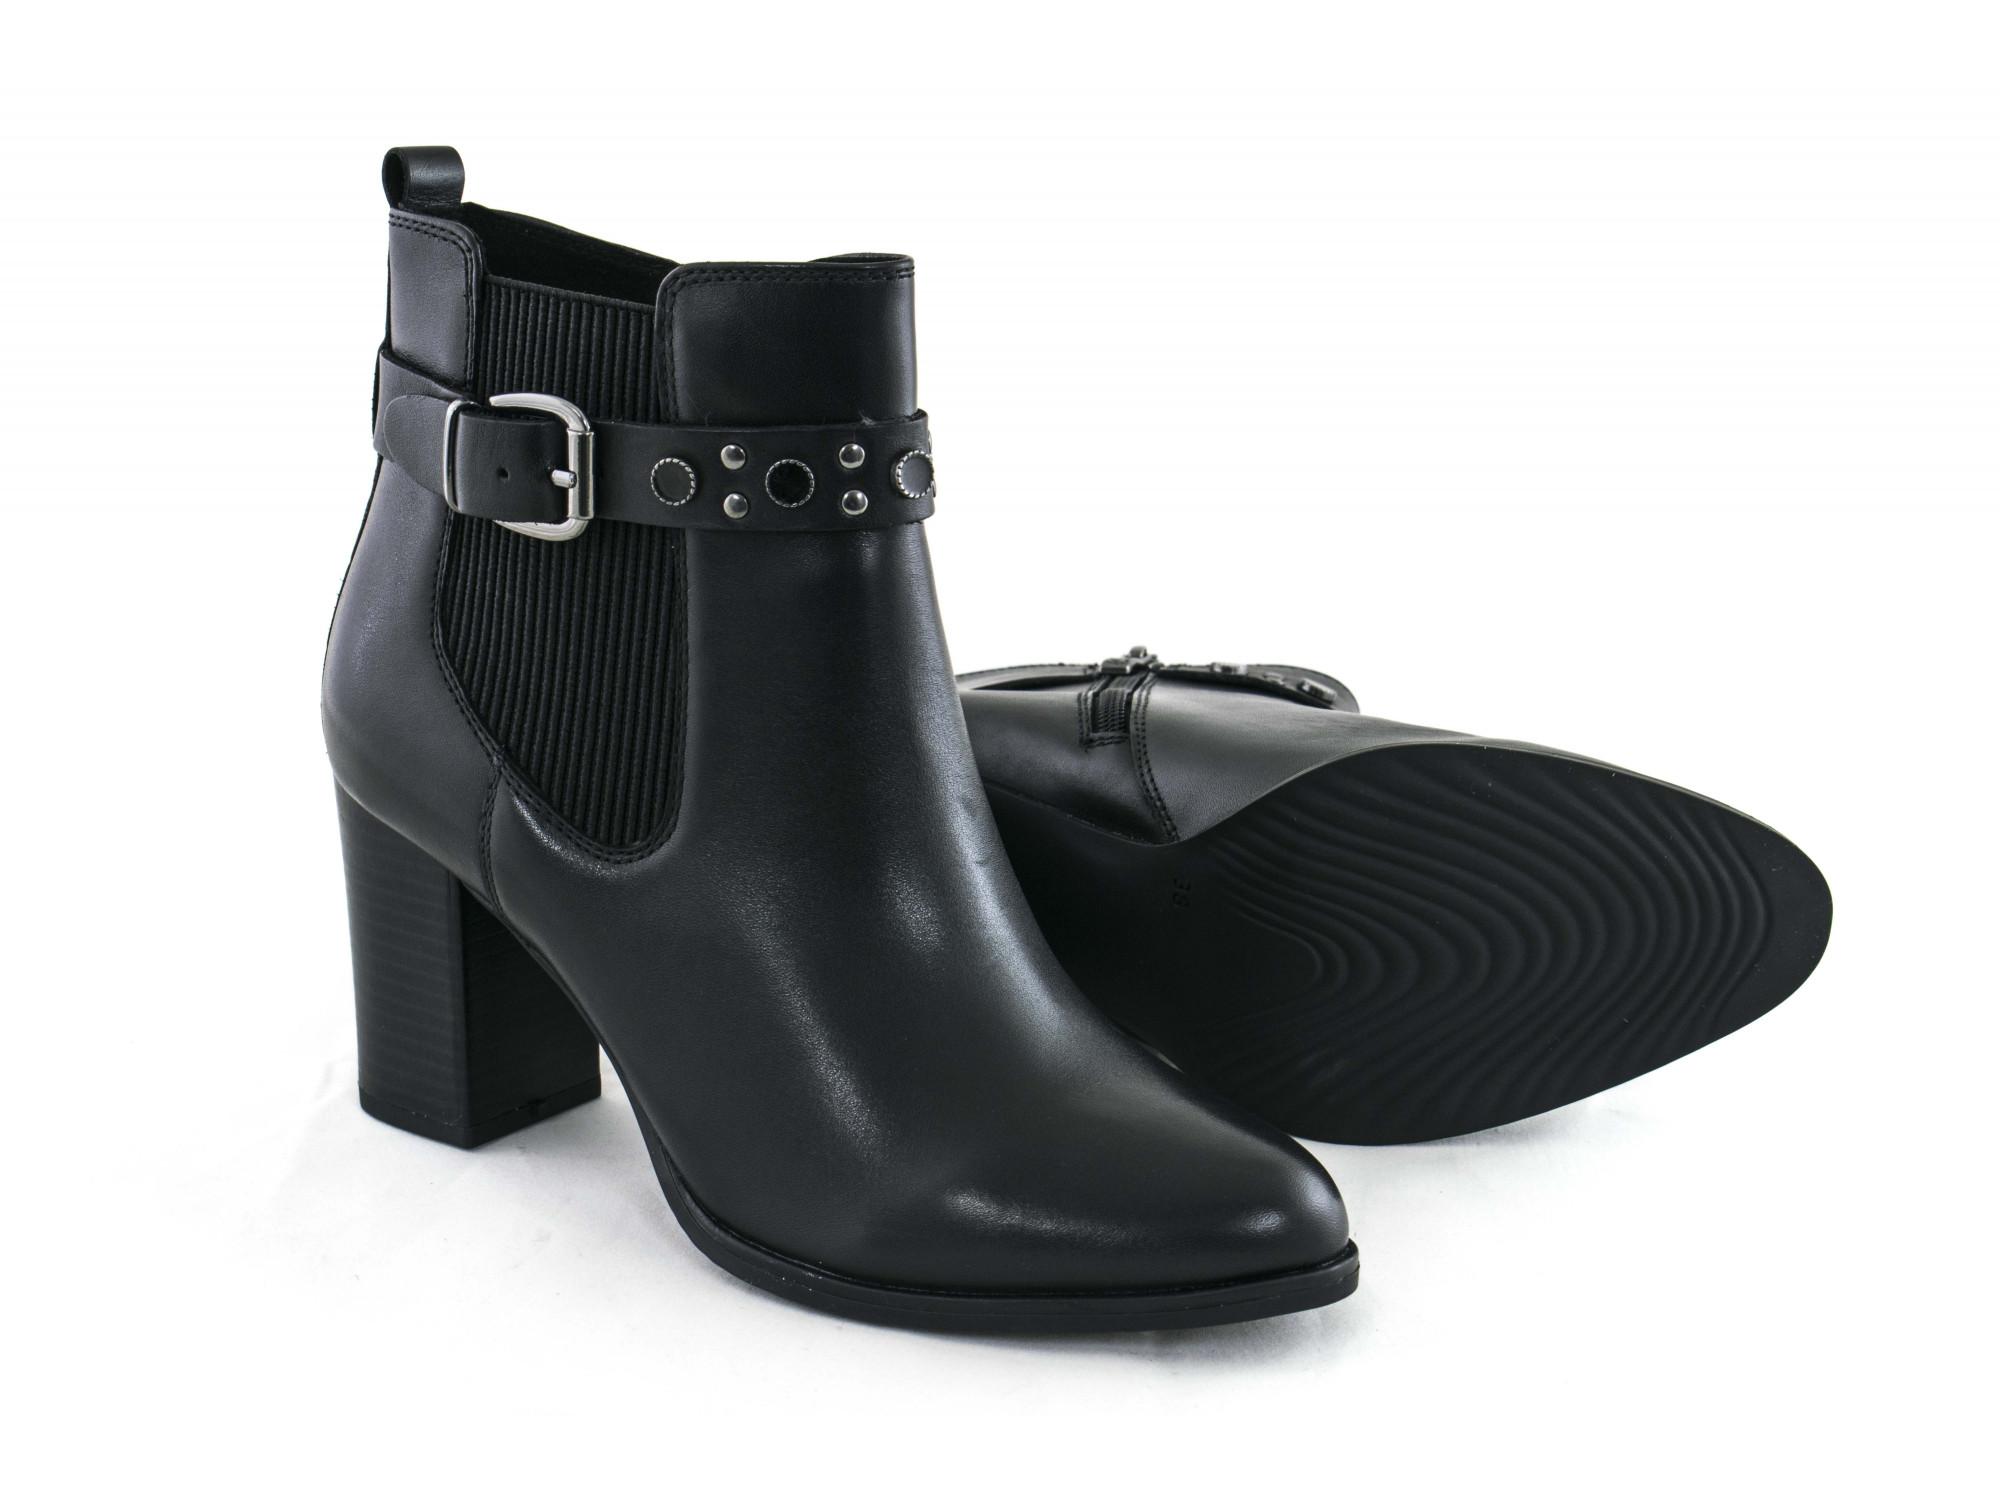 Ботинки Caprice 9-25335-25 022